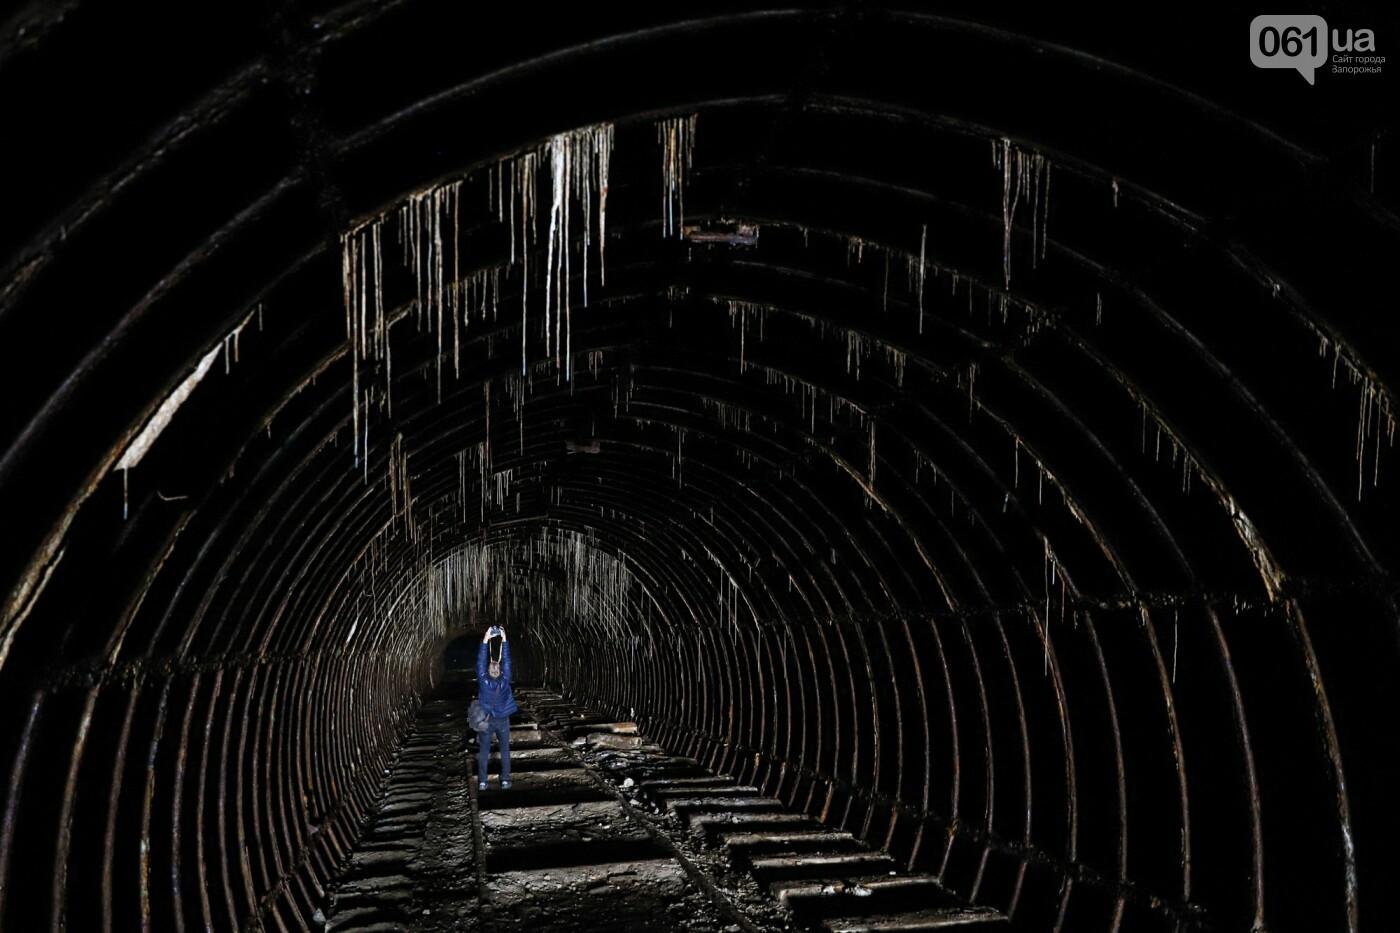 В Степногорске пытаются разобрать на металлолом шахту - промплощадка ГОКа превратилась в руины, - ФОТОРЕПОРТАЖ , фото-8